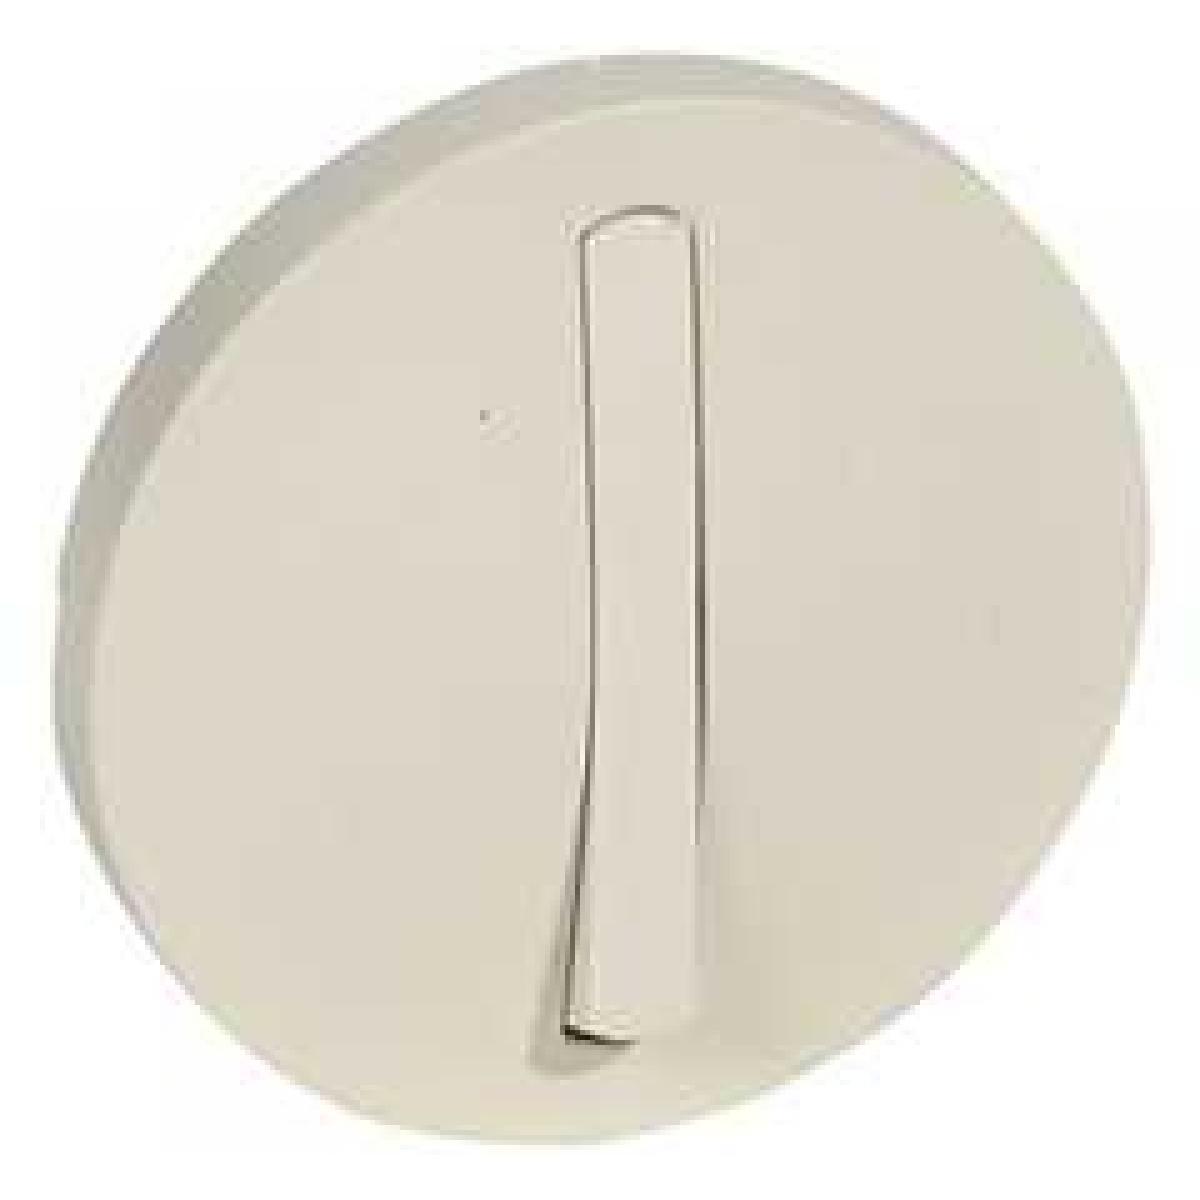 Лицевая панель - Программа Celiane - выключатель 1-полюсный / переключатель Кат. № 0 670 01/02/31/32 с тонкой